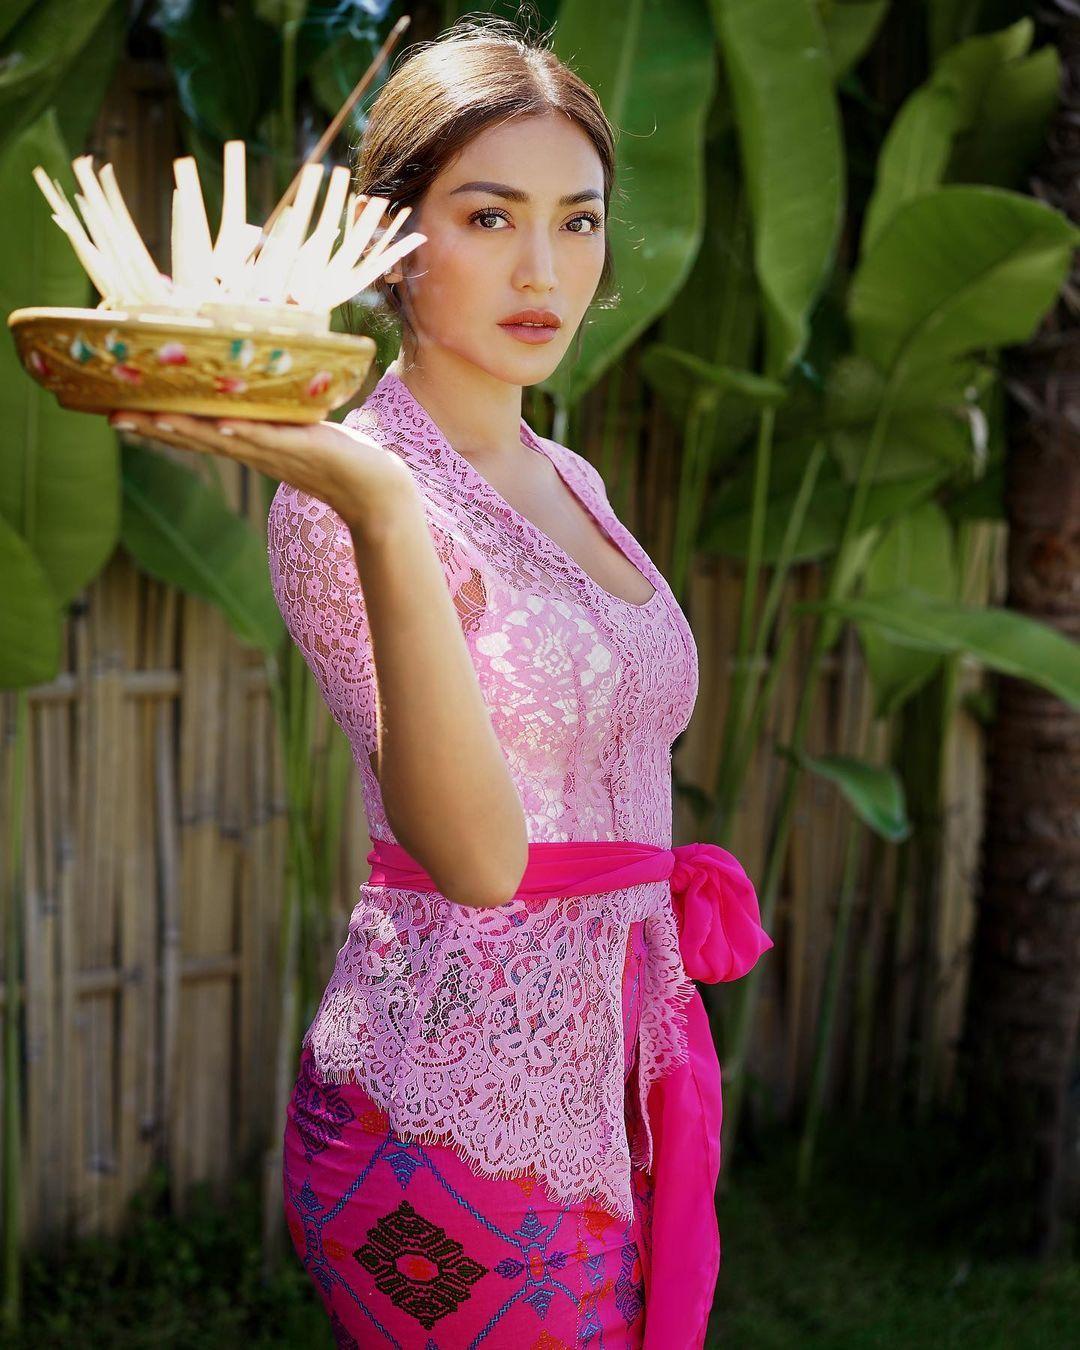 Inspirasi Pakaian Adat Bali yang Cocok untuk Baju Bridesmaid